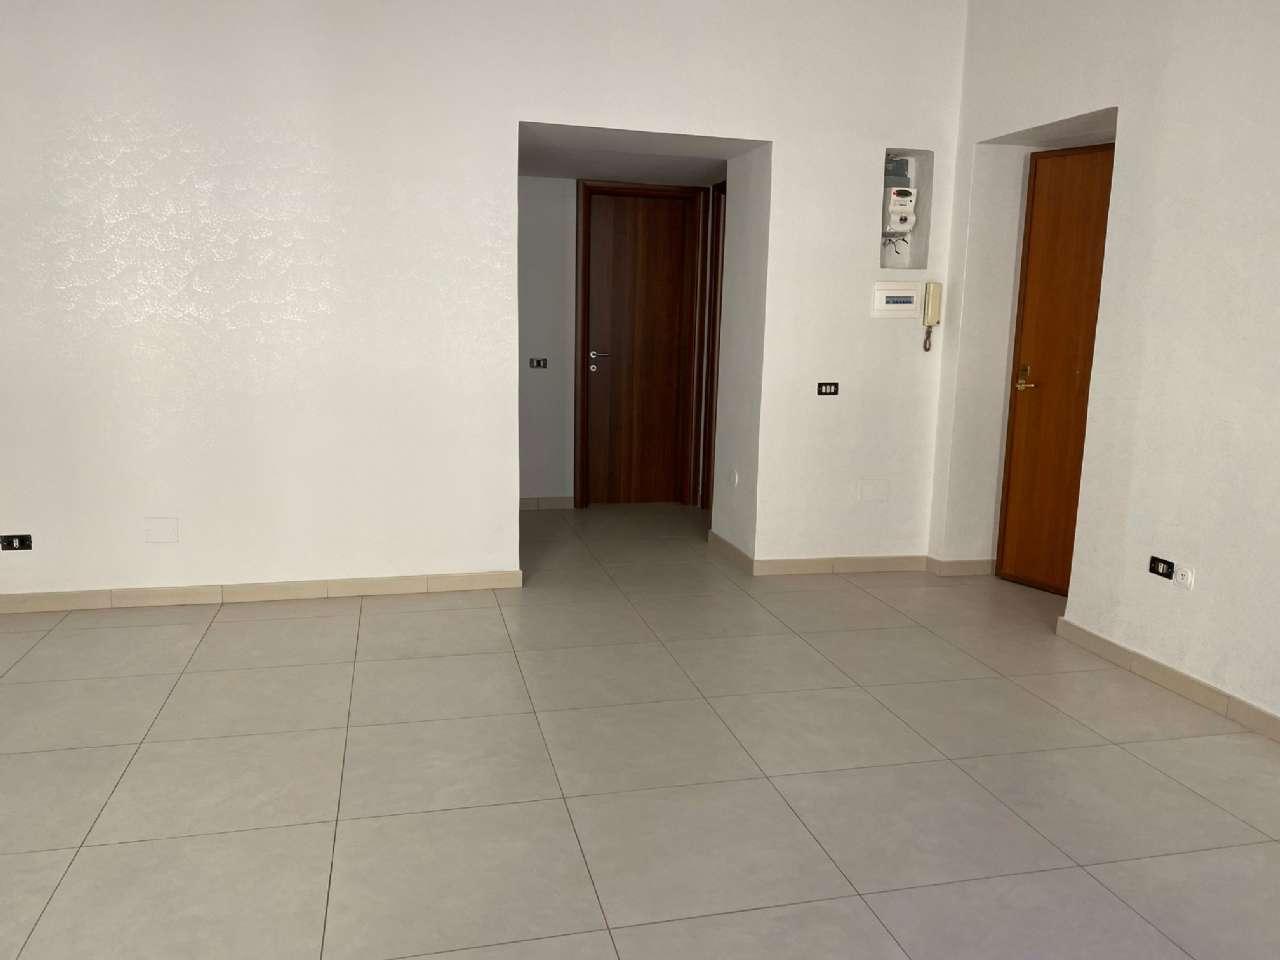 Appartamento in vendita a Mugnano di Napoli, 3 locali, prezzo € 115.000 | CambioCasa.it